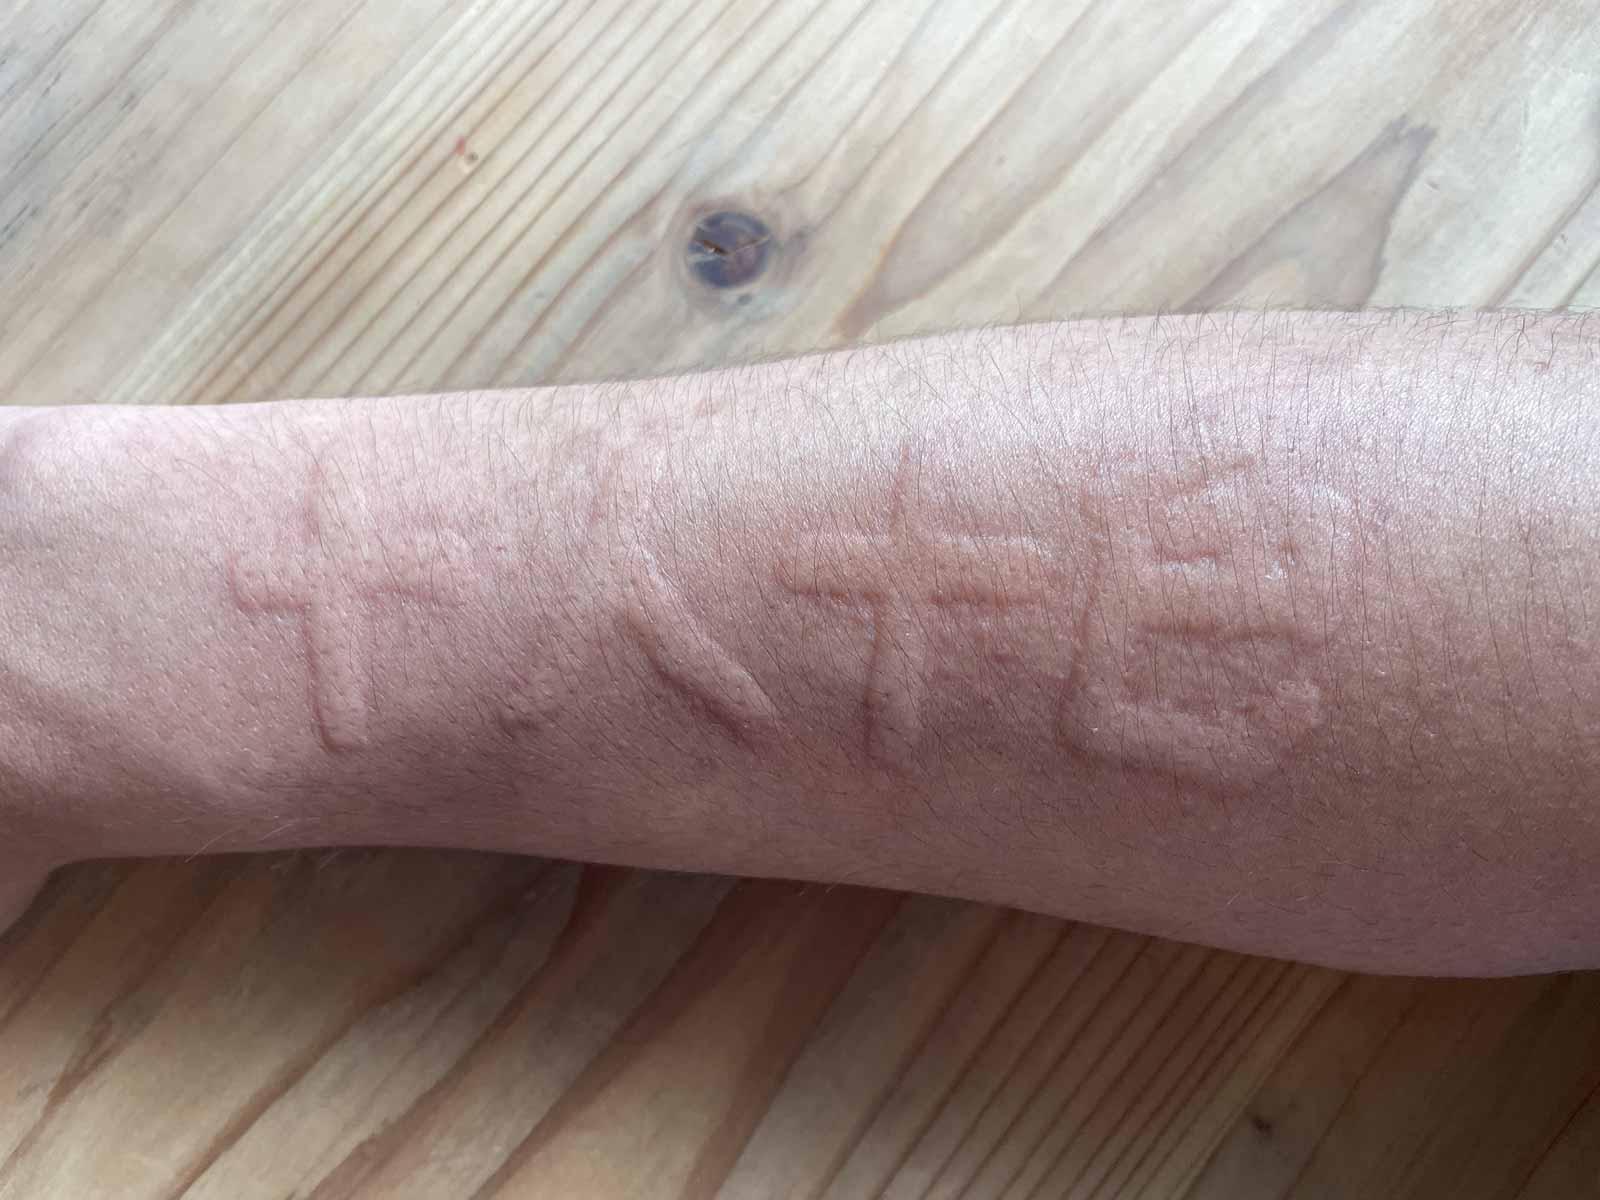 皮膚描画症の肌に「十人十色」と書いてみた